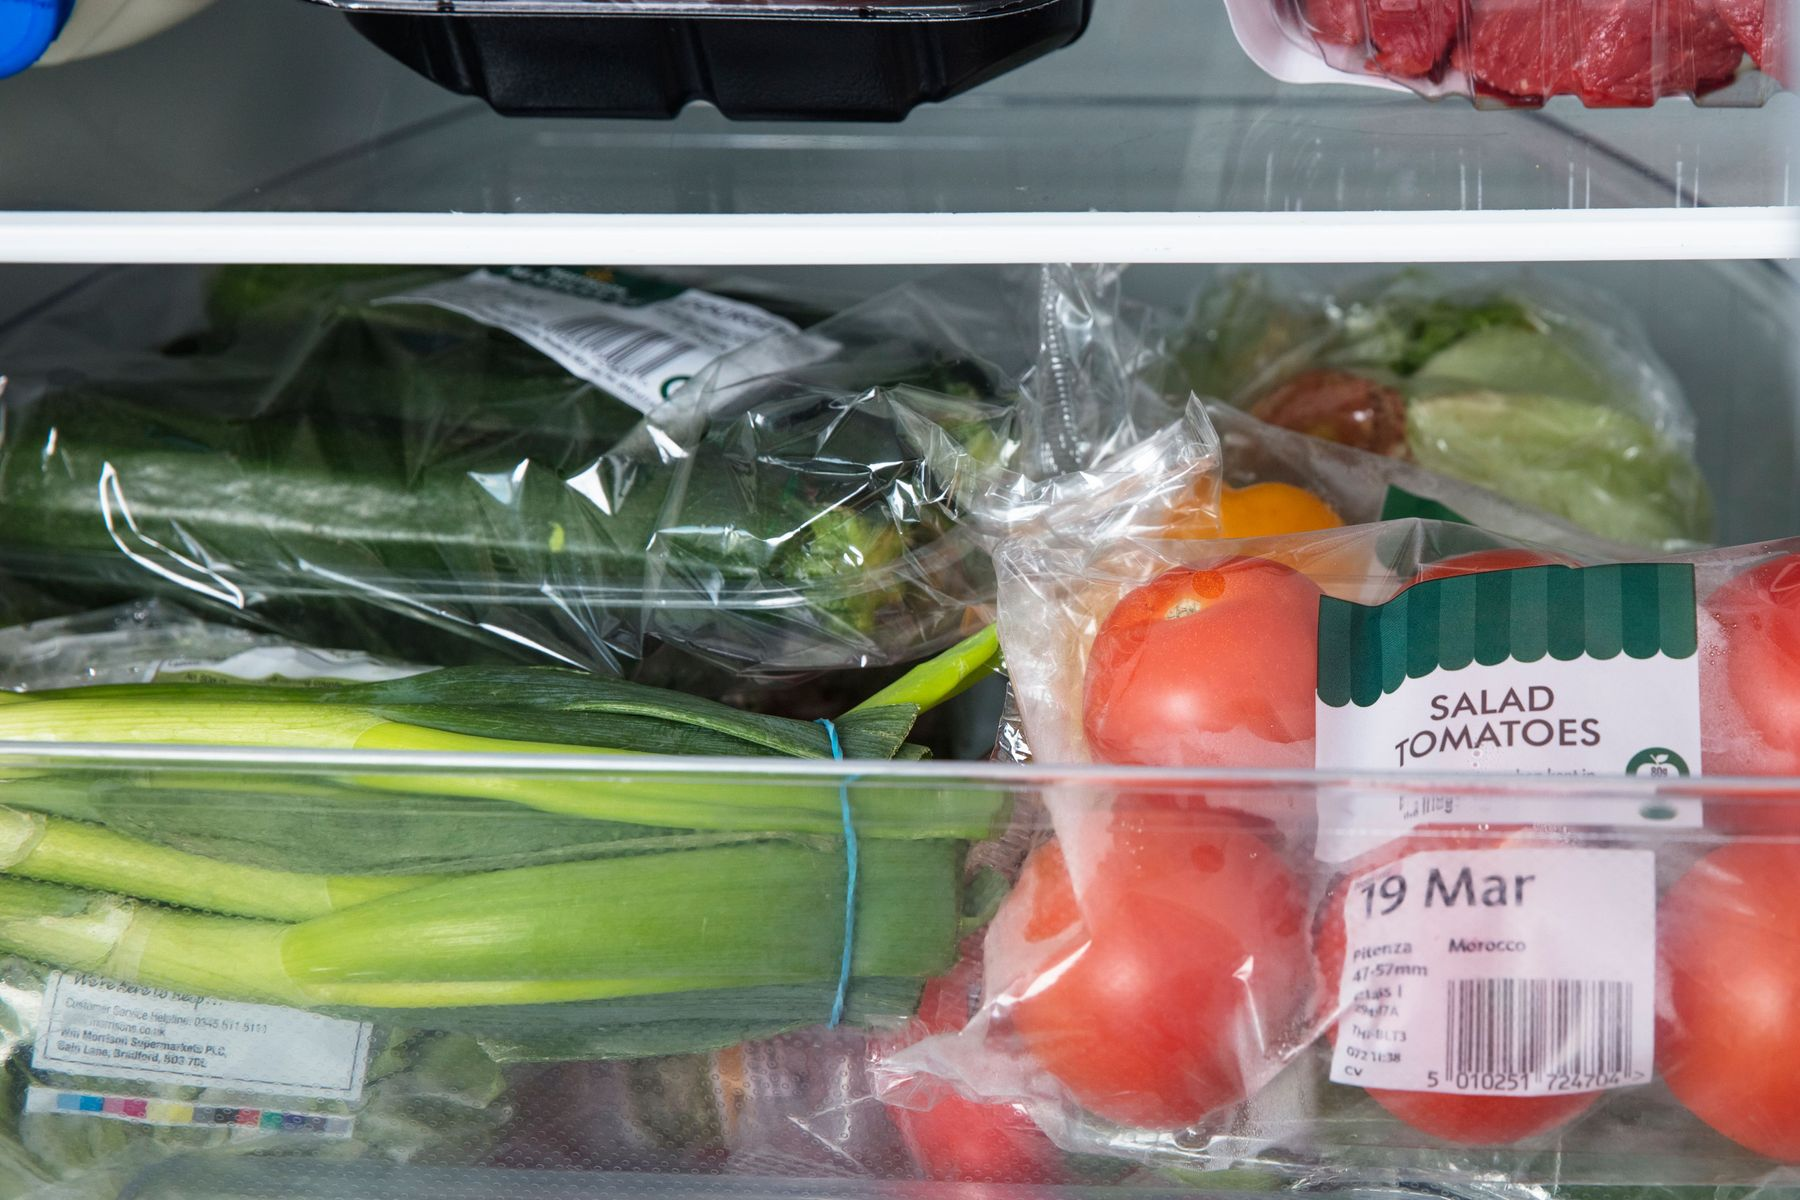 Bạn nên bảo quản rau củ trong tủ lạnh bao lâu để sử dụng an toàn